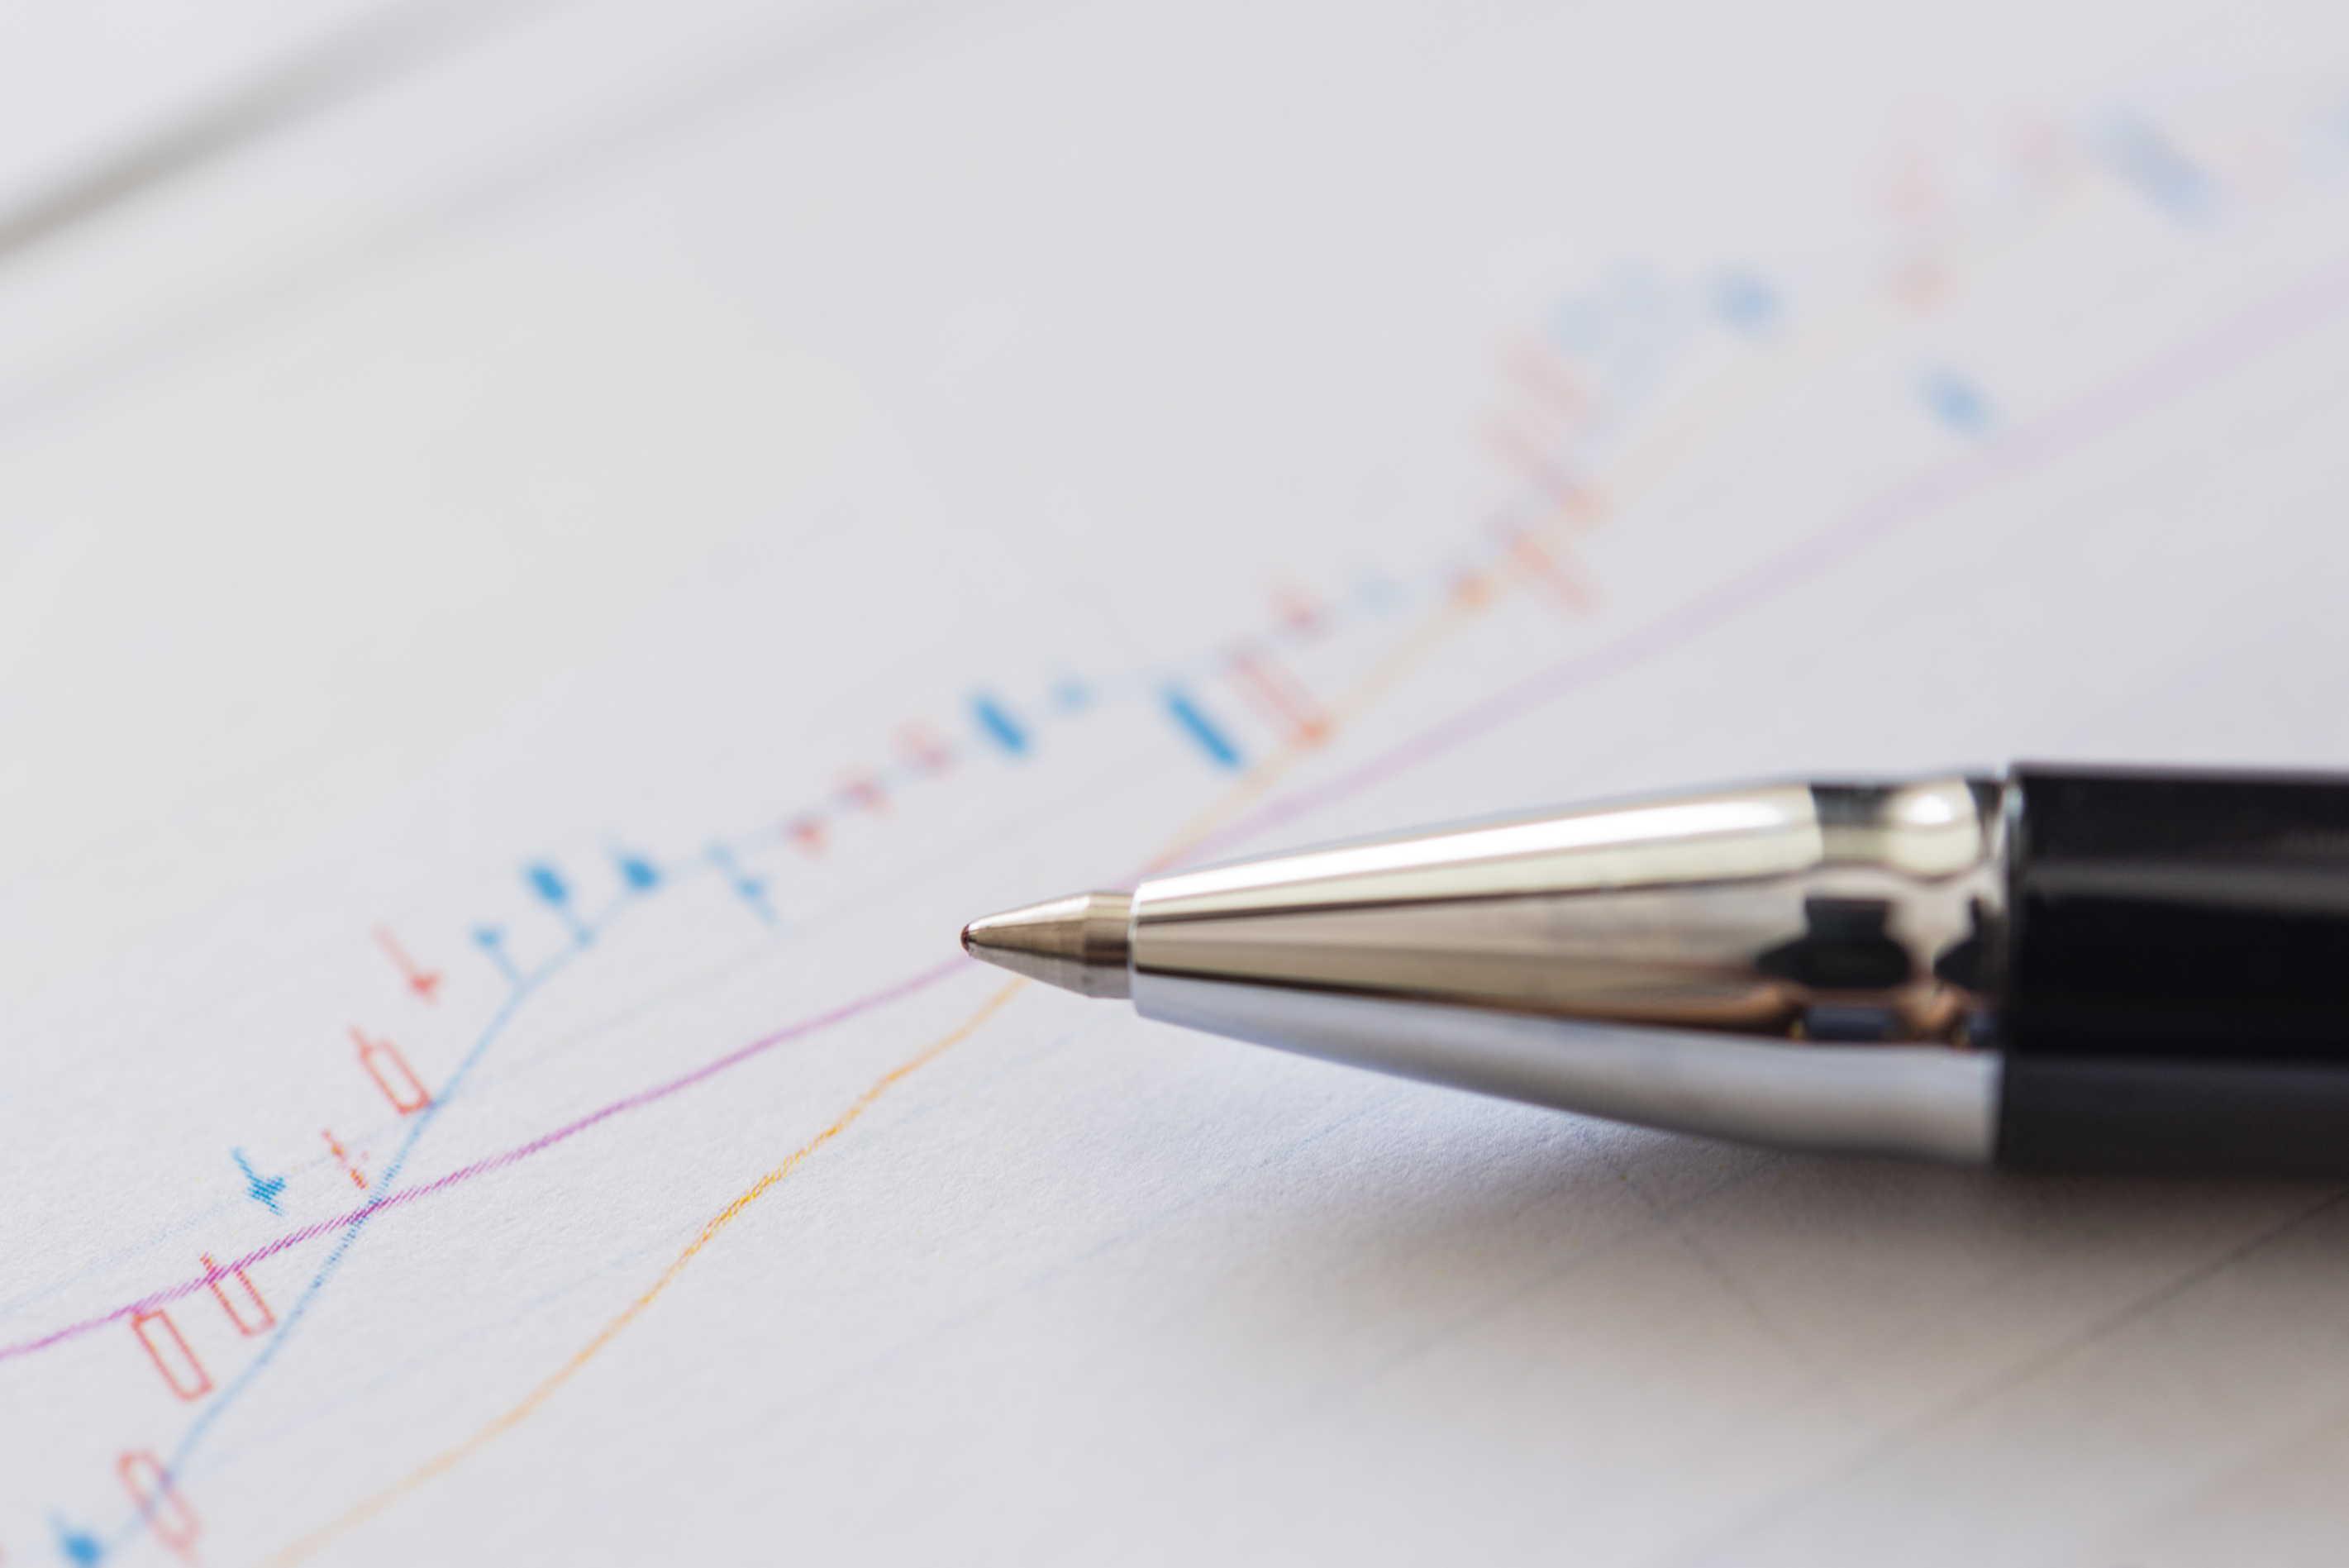 M&Aにおける株主の影響とその対応